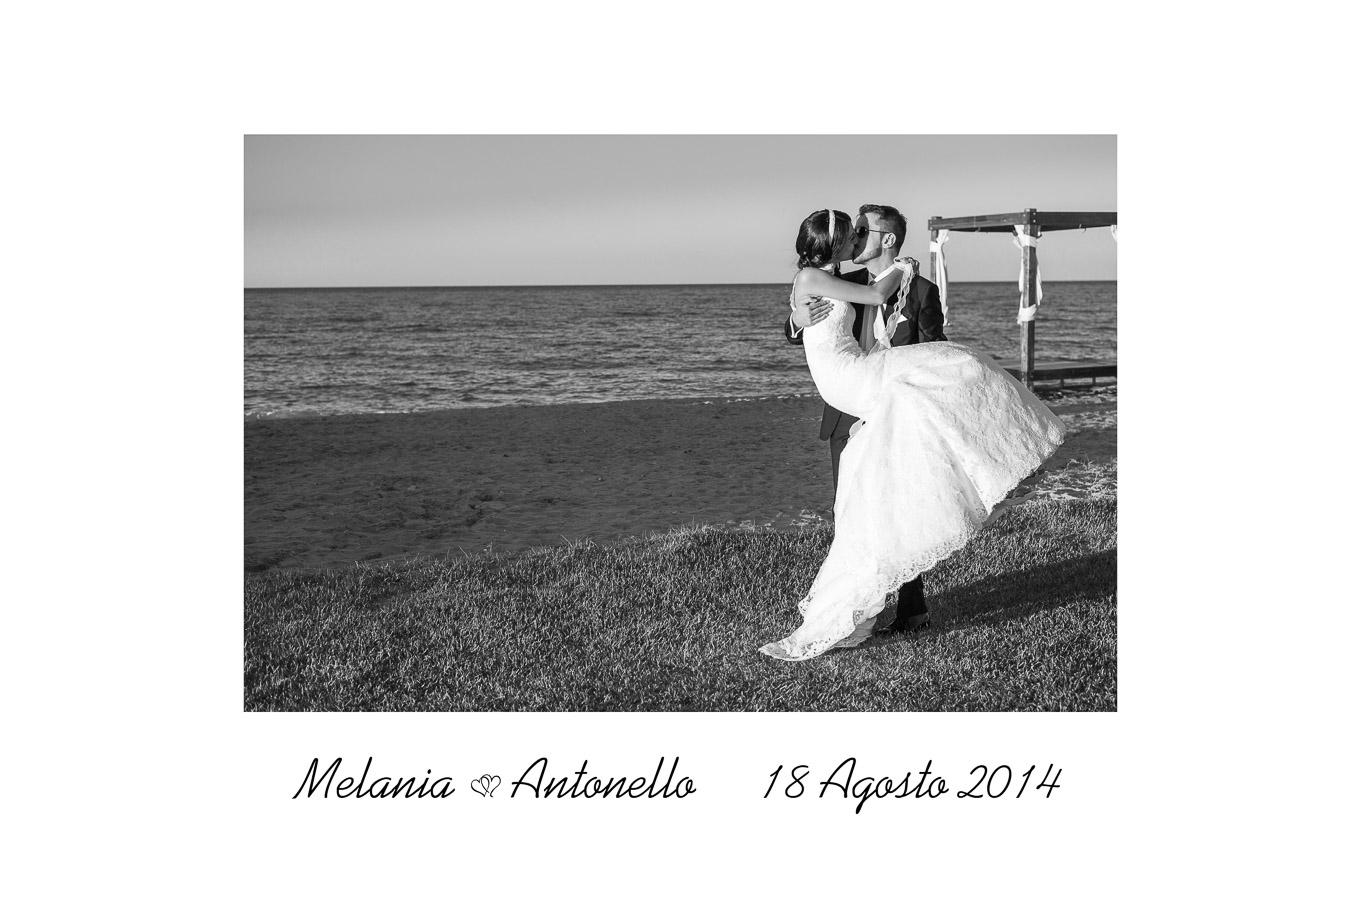 001-Mela_Anto2